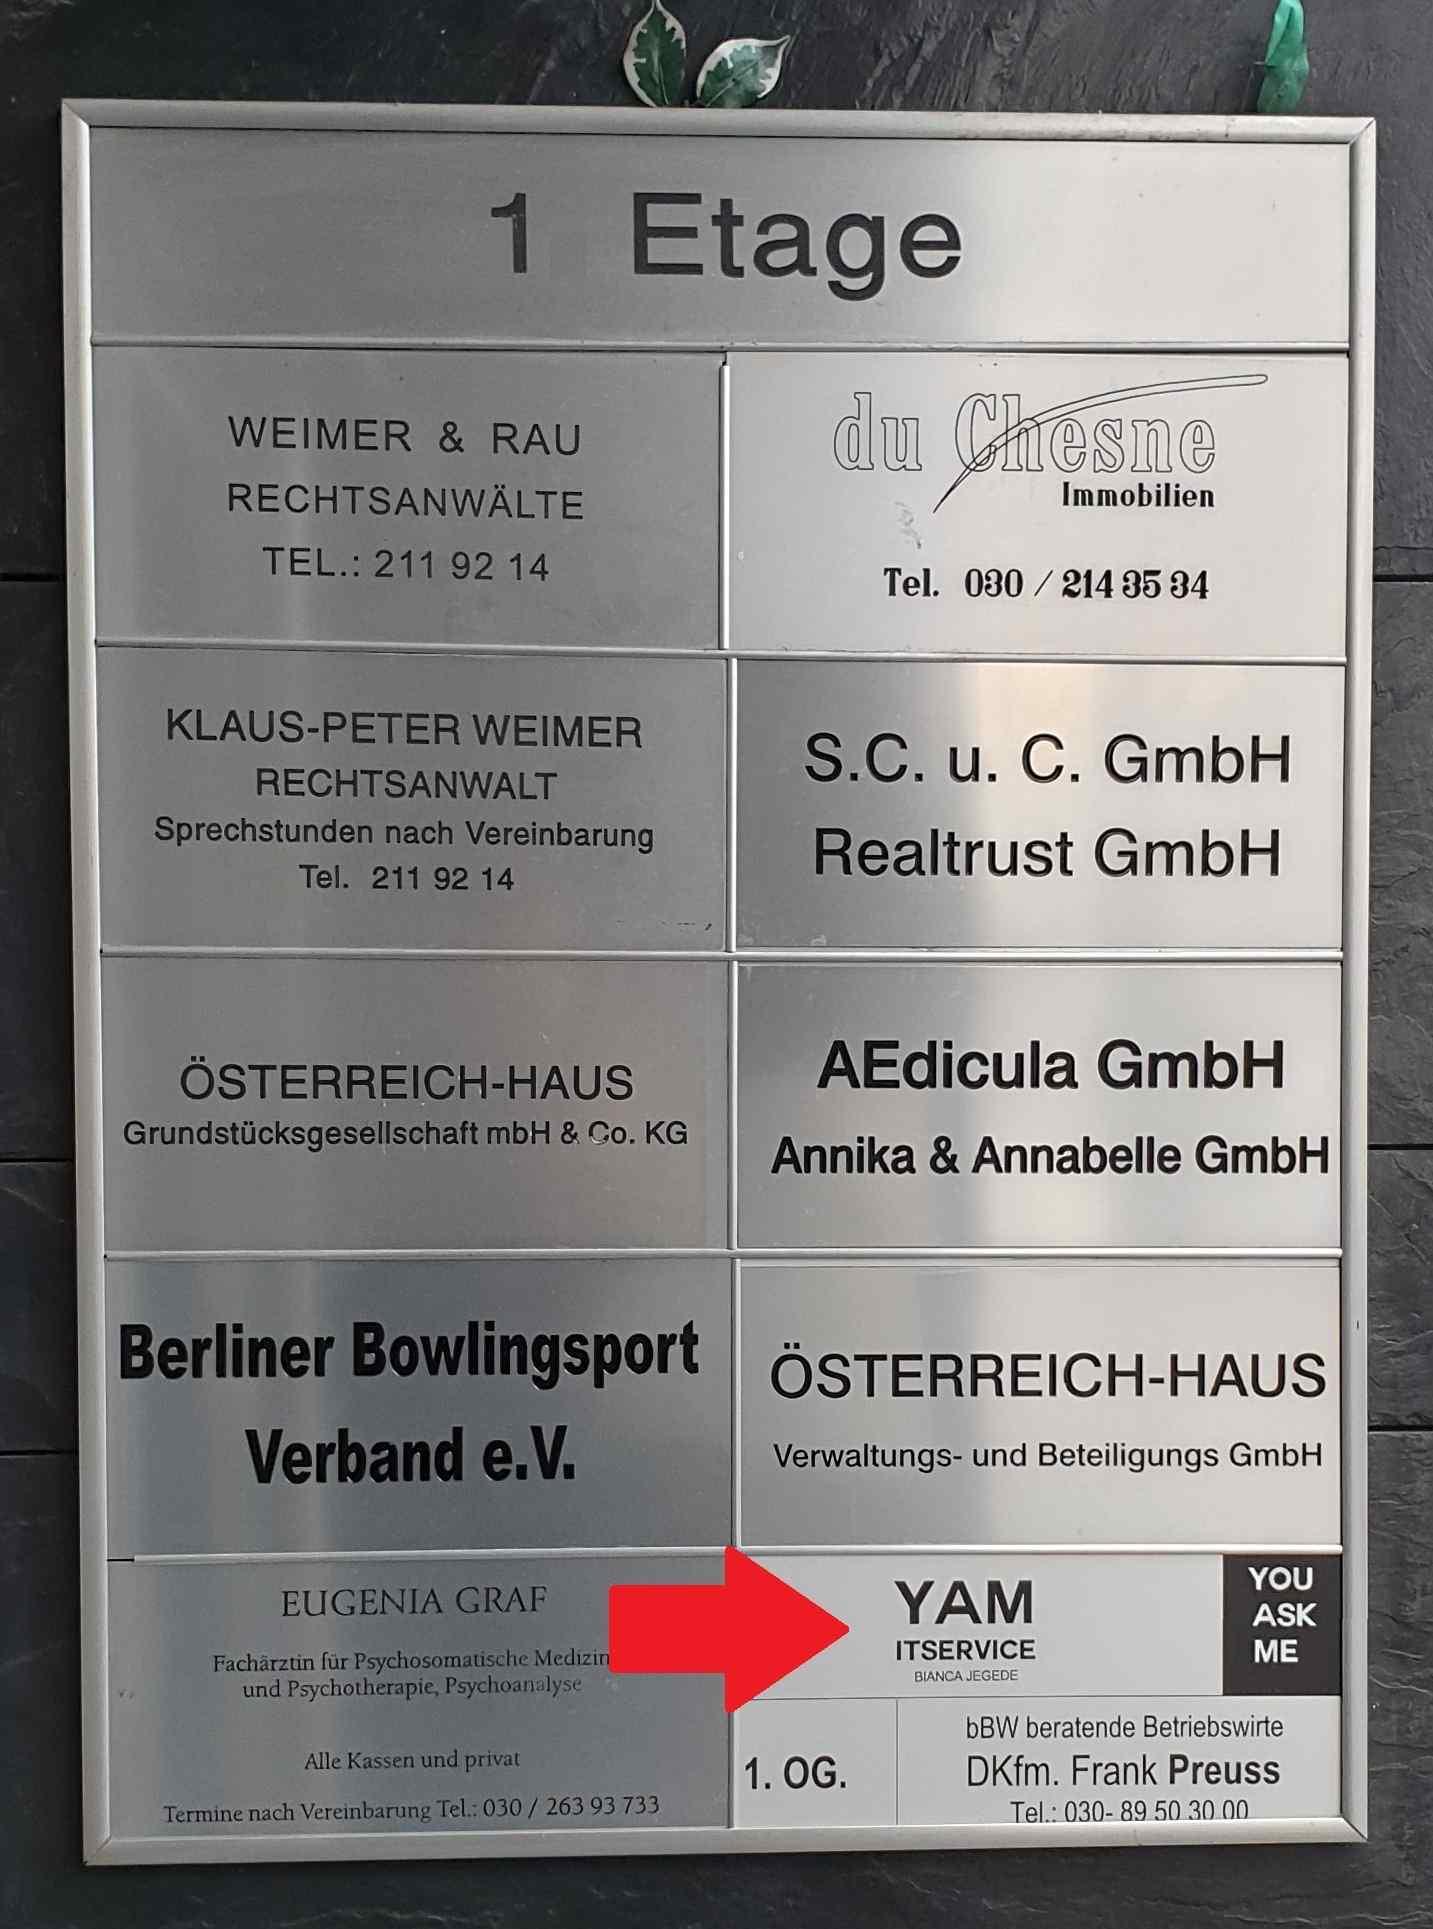 Kfz Zulassungsdienst Berlin Schöneberg. Zulassung24.berlin - Kfz Zulassungsdienst Berlin / Kfz Zulassungsservice Berlin. Kfz Anmeldung, Kfz Ummeldung, Kfz Abmeldung, Kurzzeitkennzeichen, Ausfuhrkennzeichen, Eintragungen, TÜV-Fahrten, Hol- und Bringservice und vieles mehr. Zulassungsstelle Berlin. Zulassungsbehörde Berlin.